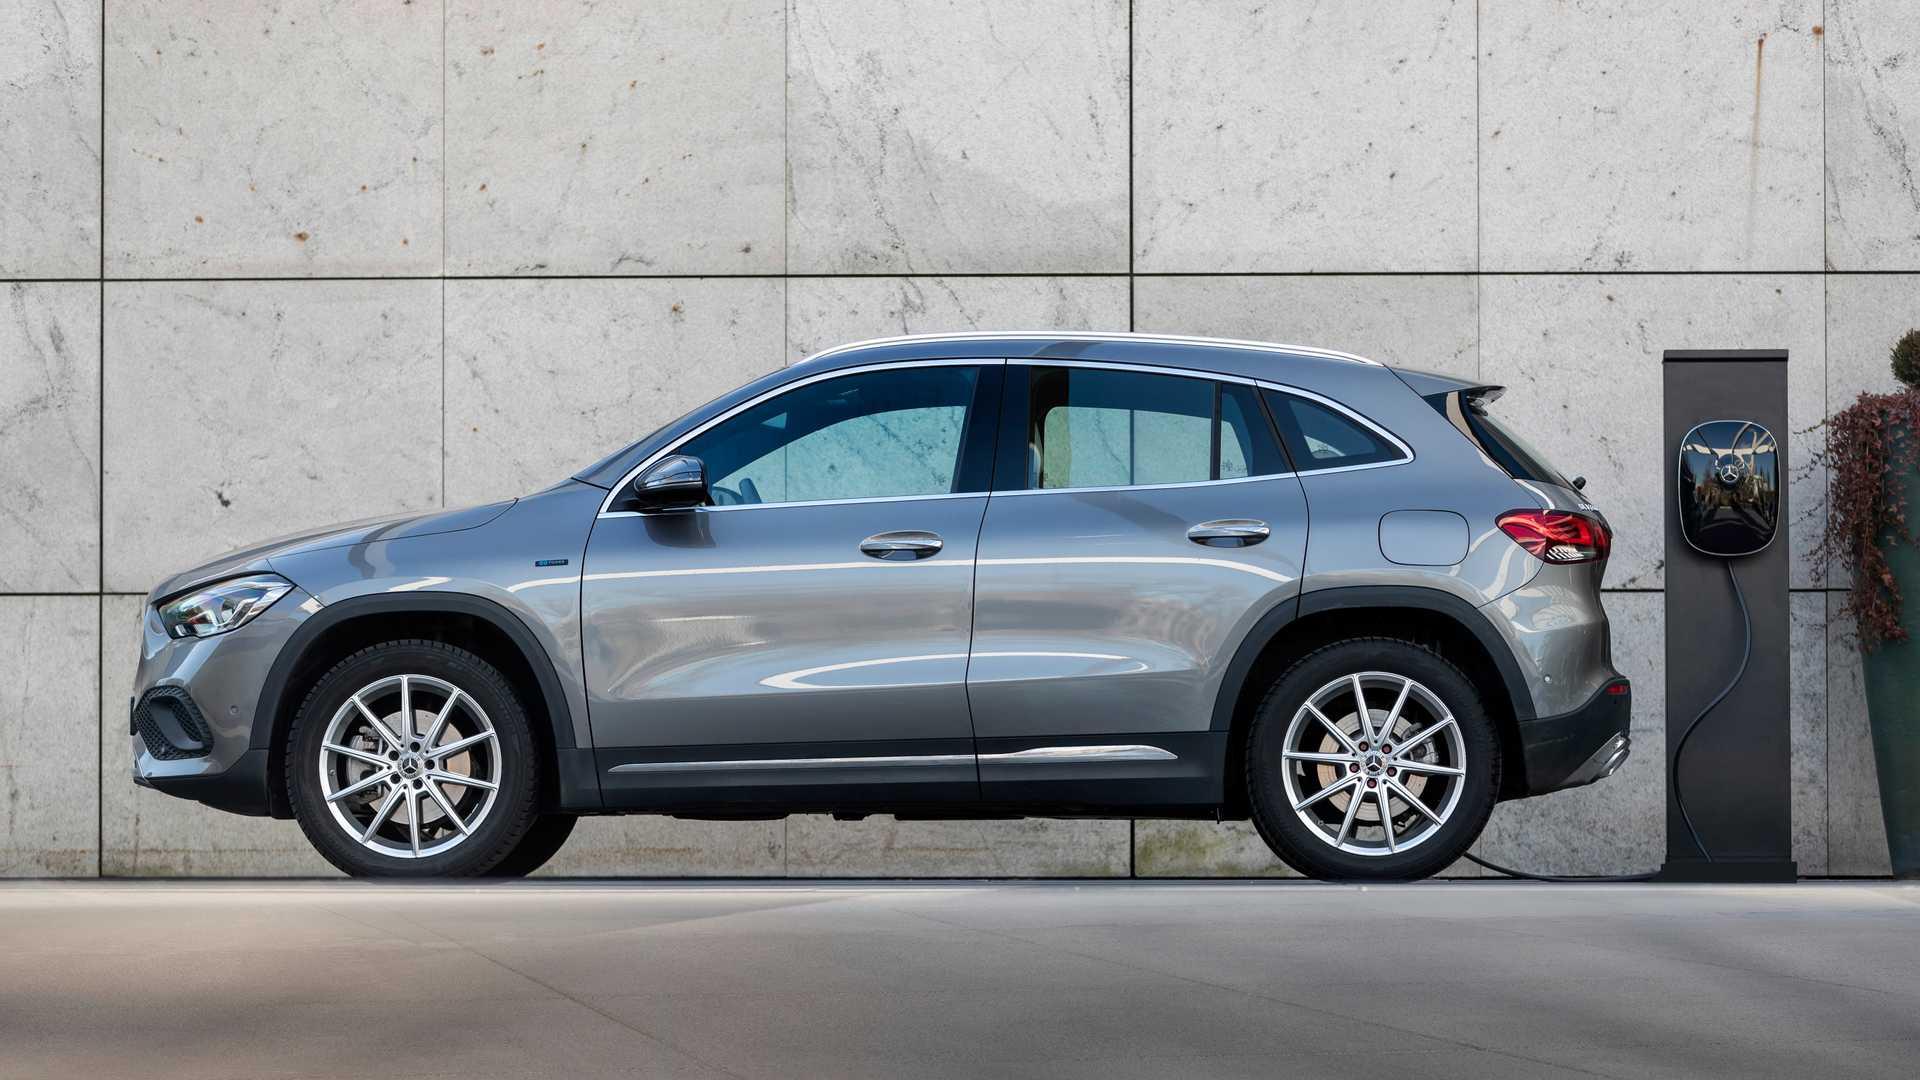 مشخصات ارتقای خودروهای شرکت مرسدس بنز